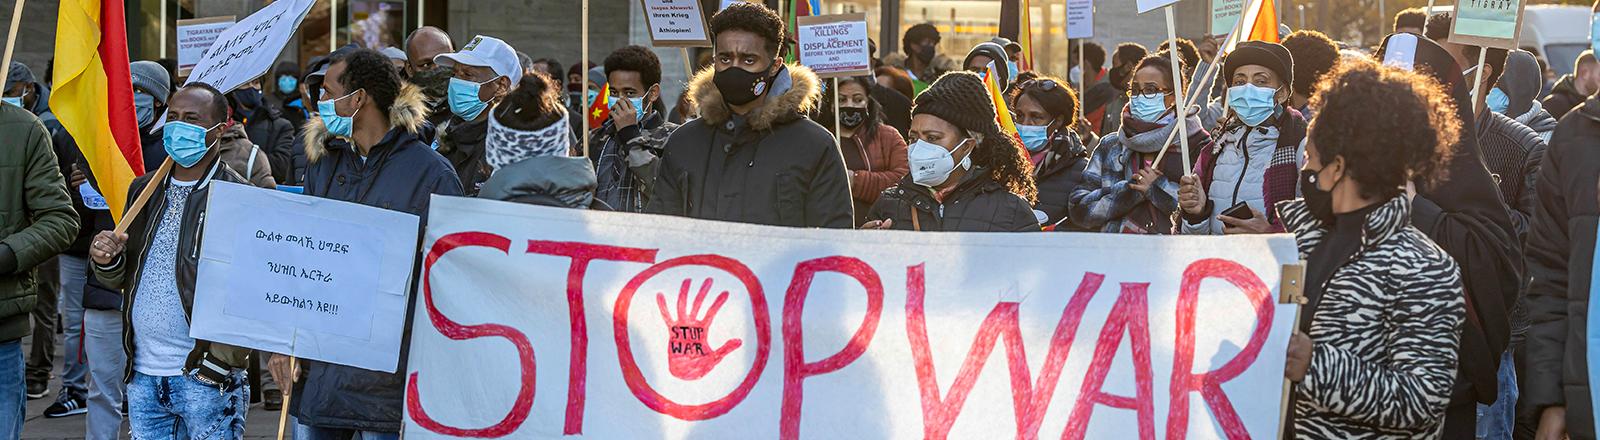 Demonstration in Stuttgart gegen das diktatorische Regime in Eritrea und gegen den Krieg in Äthiopien.